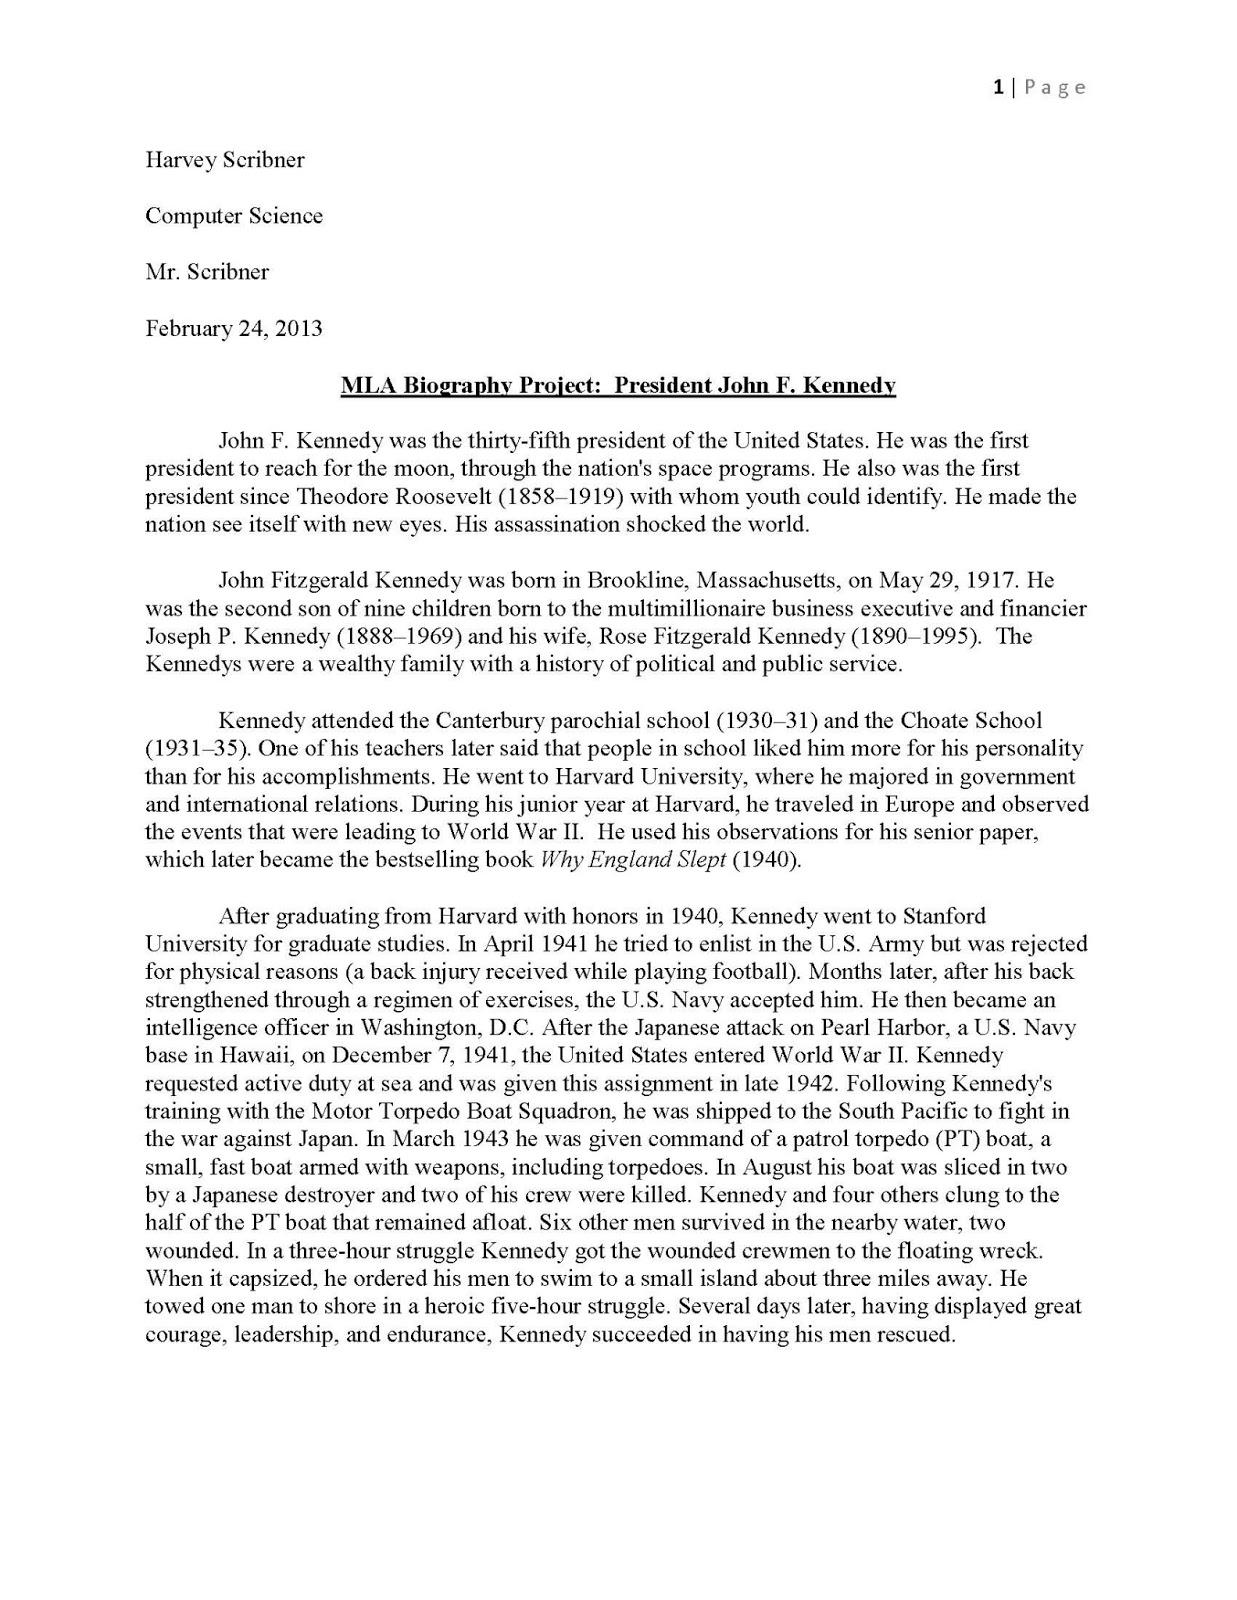 Rogerian Essay Format Rogerian Essay Format Essay Report Sample